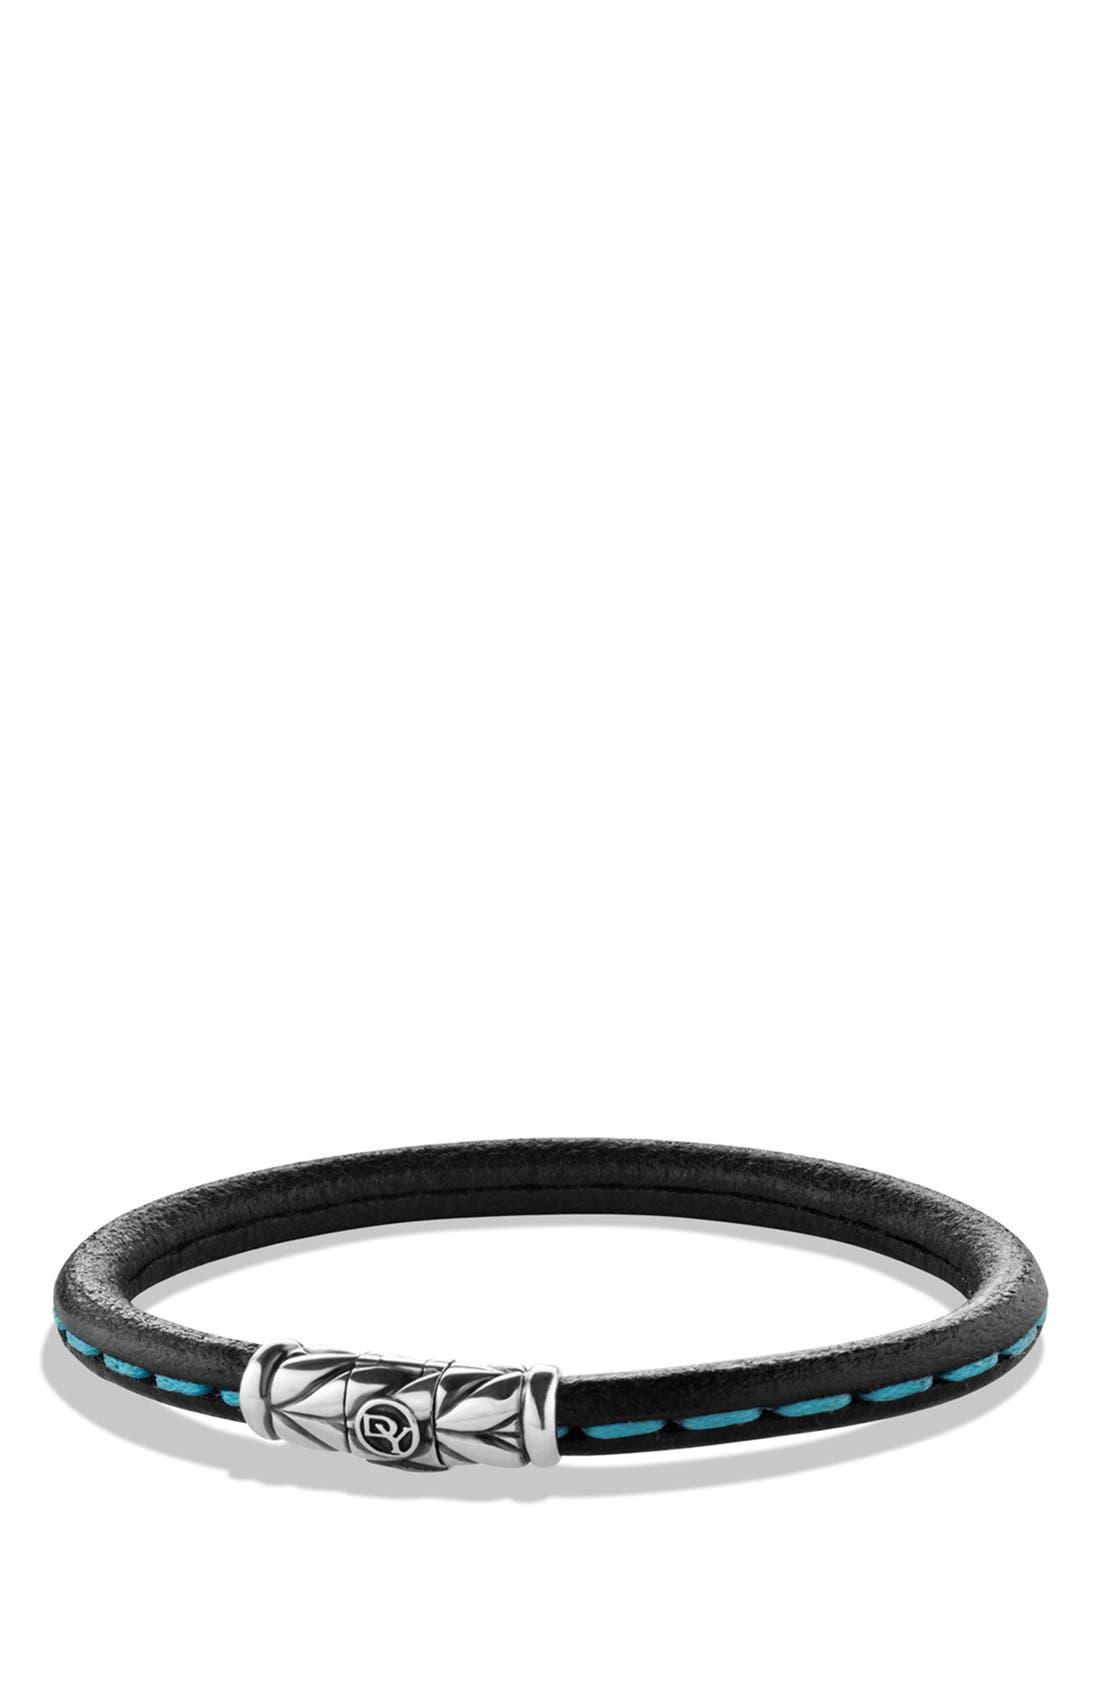 'Chevron' Leather Bracelet,                             Main thumbnail 1, color,                             001